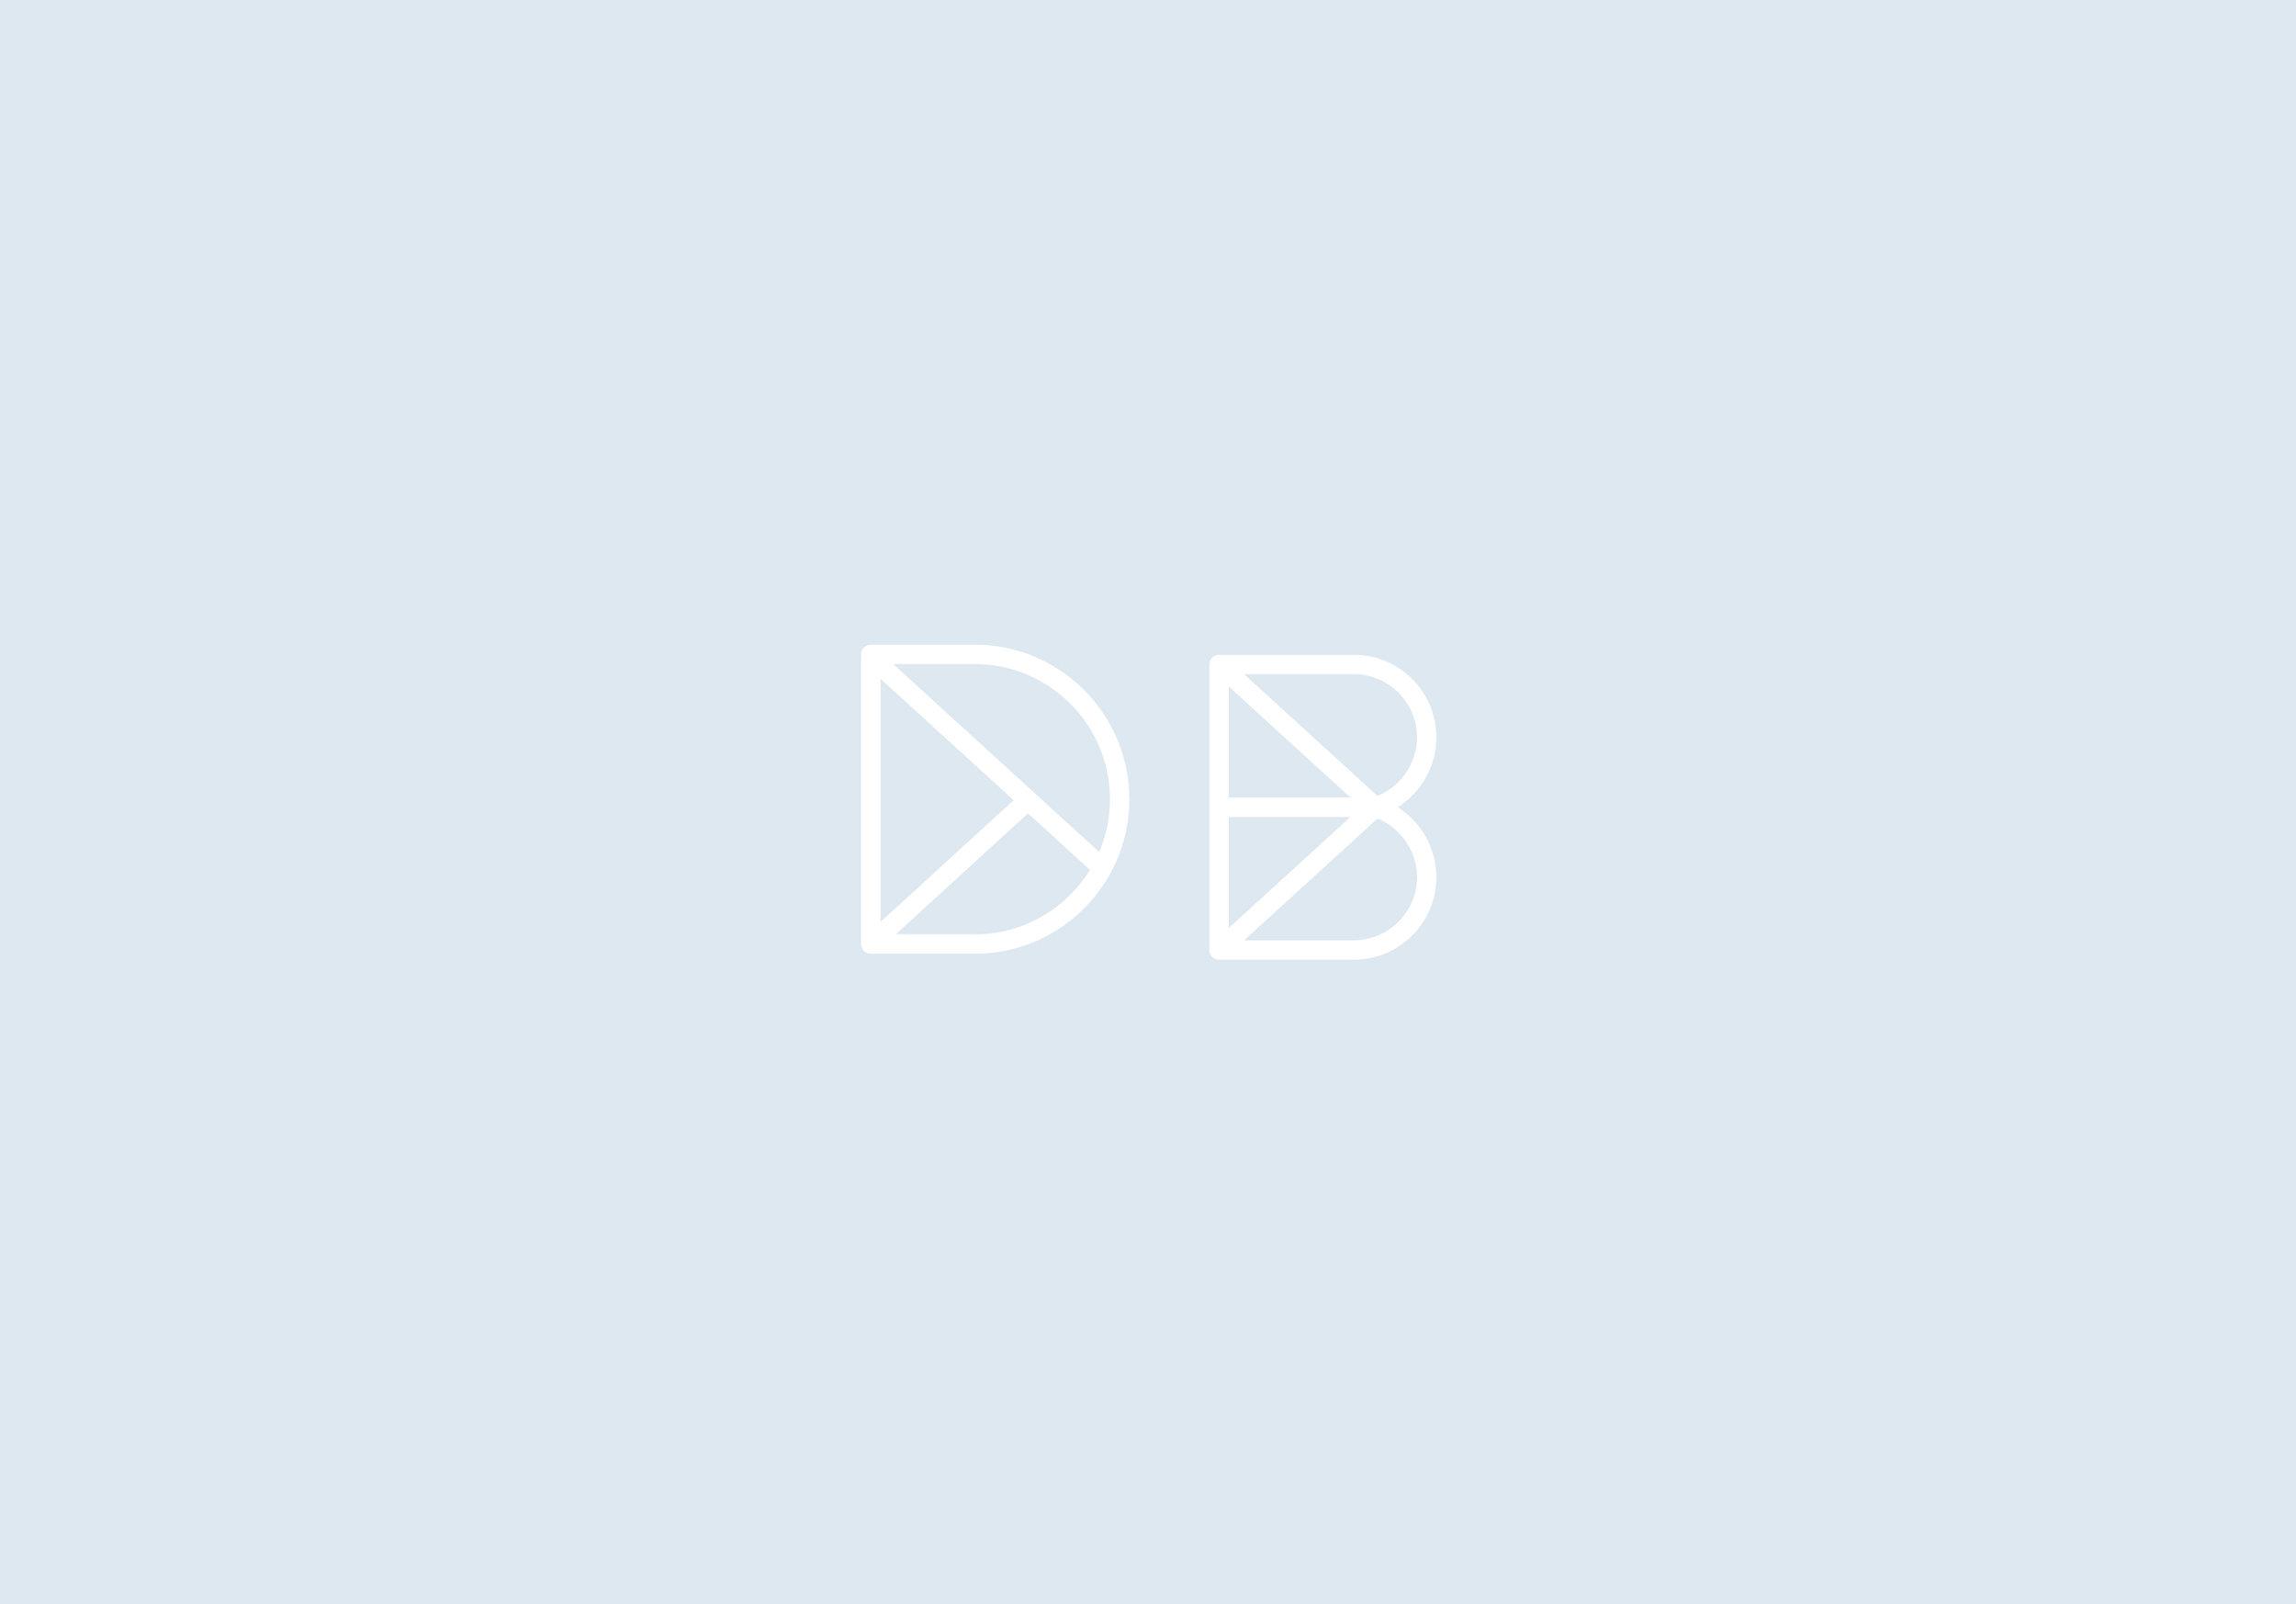 db-logo-4.jpg